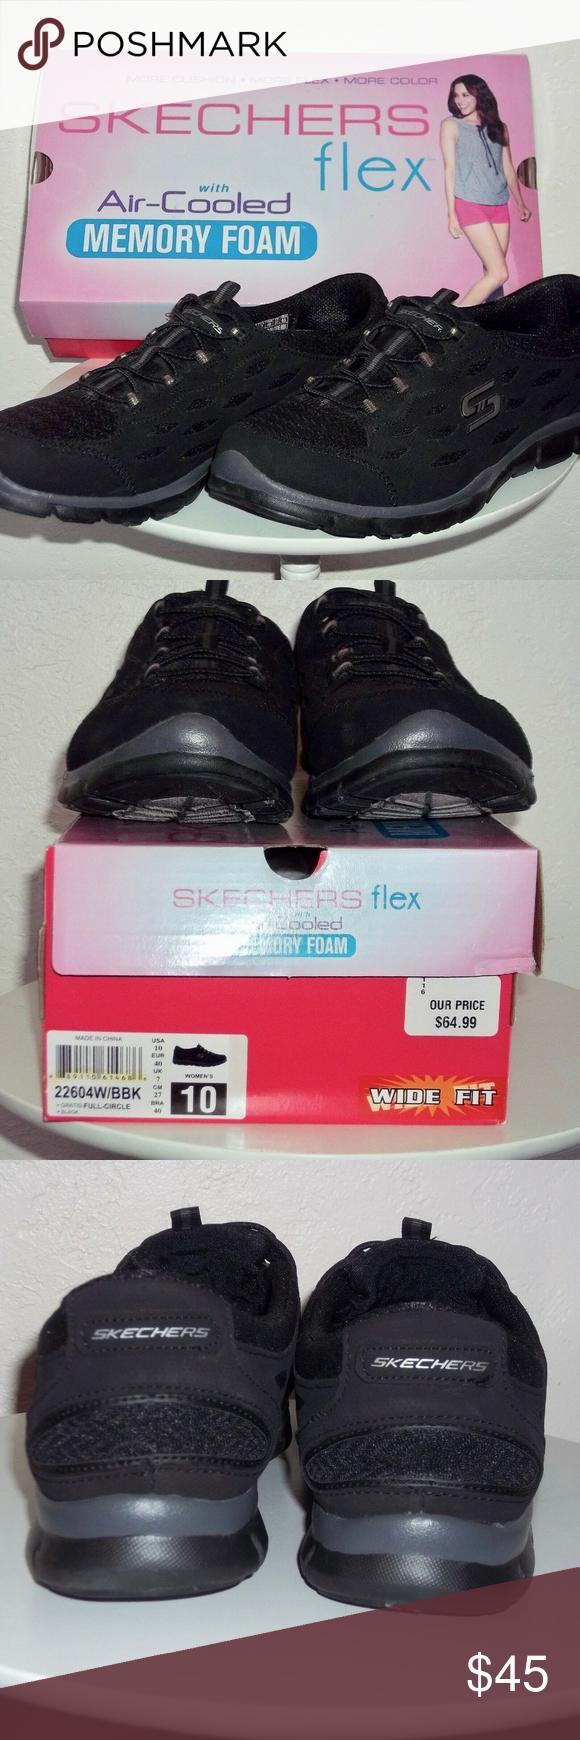 Skechers Flex sneakers Womens SZ 10